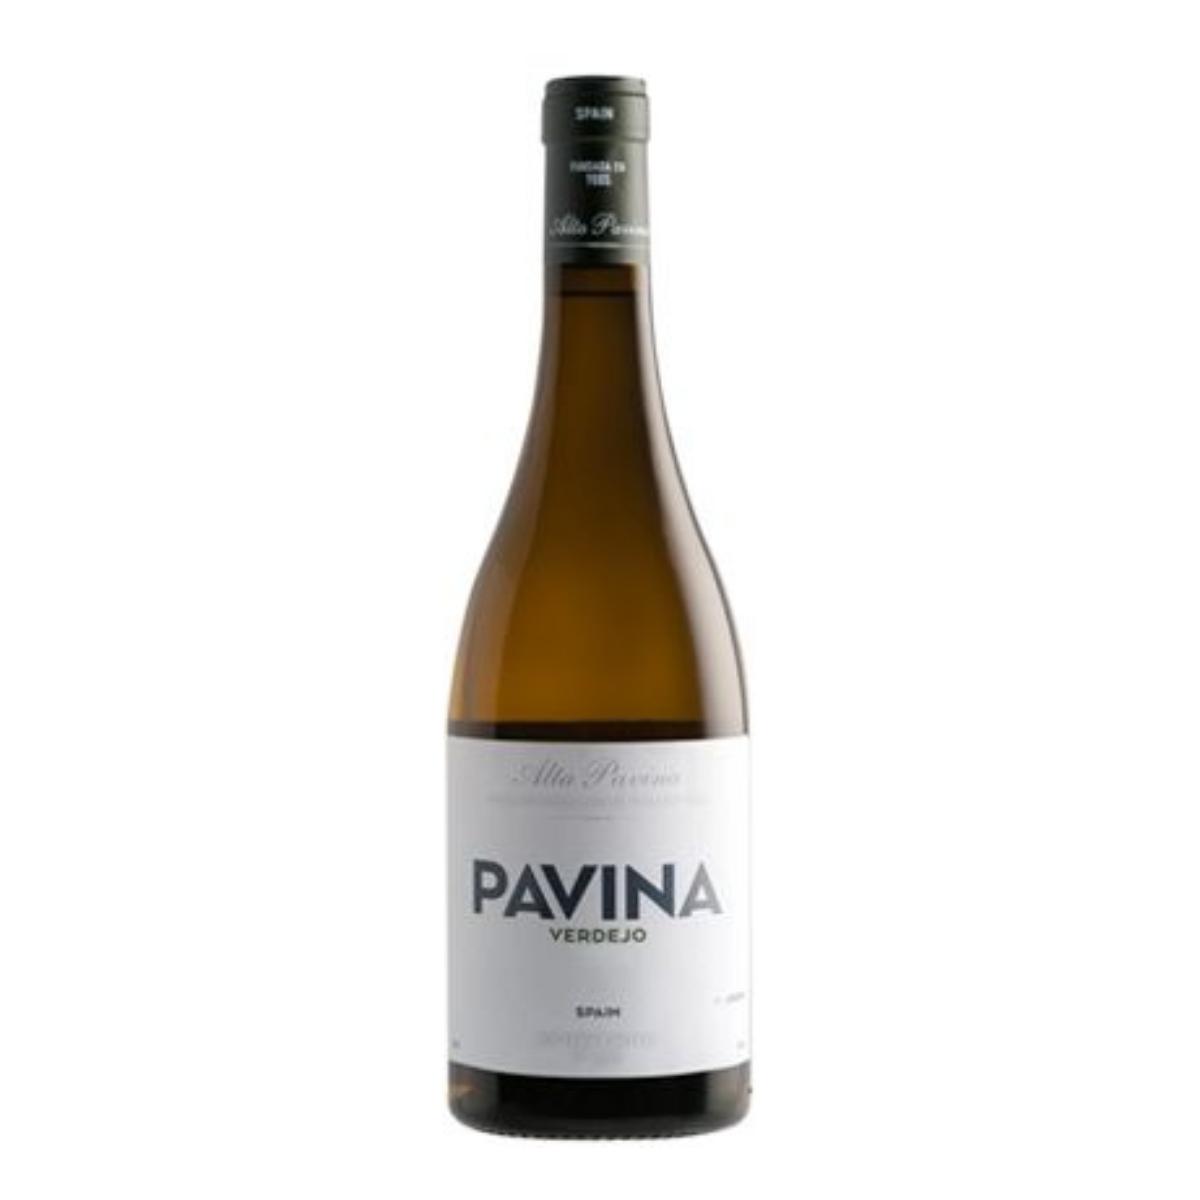 Pavina Blanco Verdejo